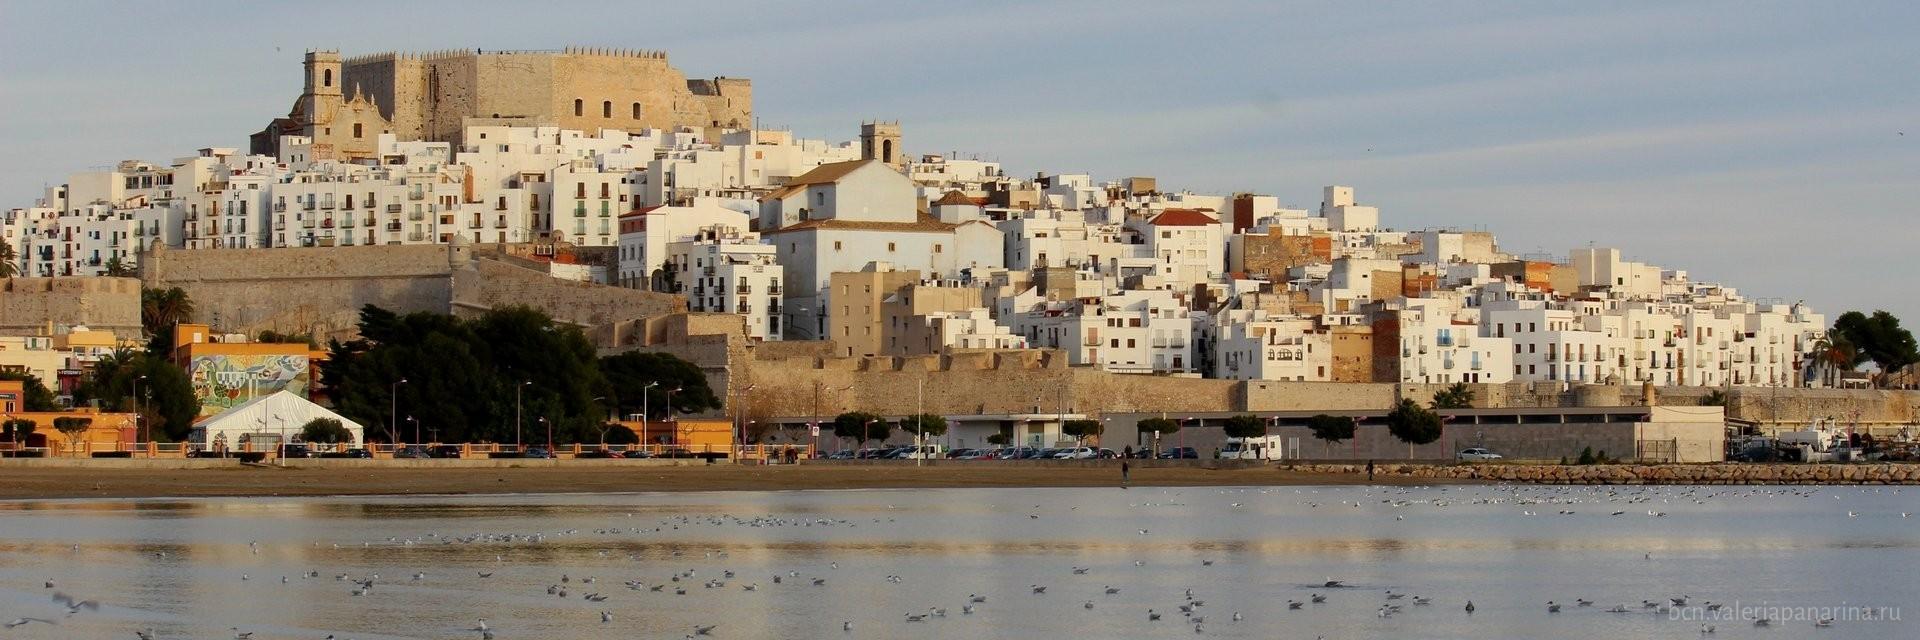 Города на месте старинных замков